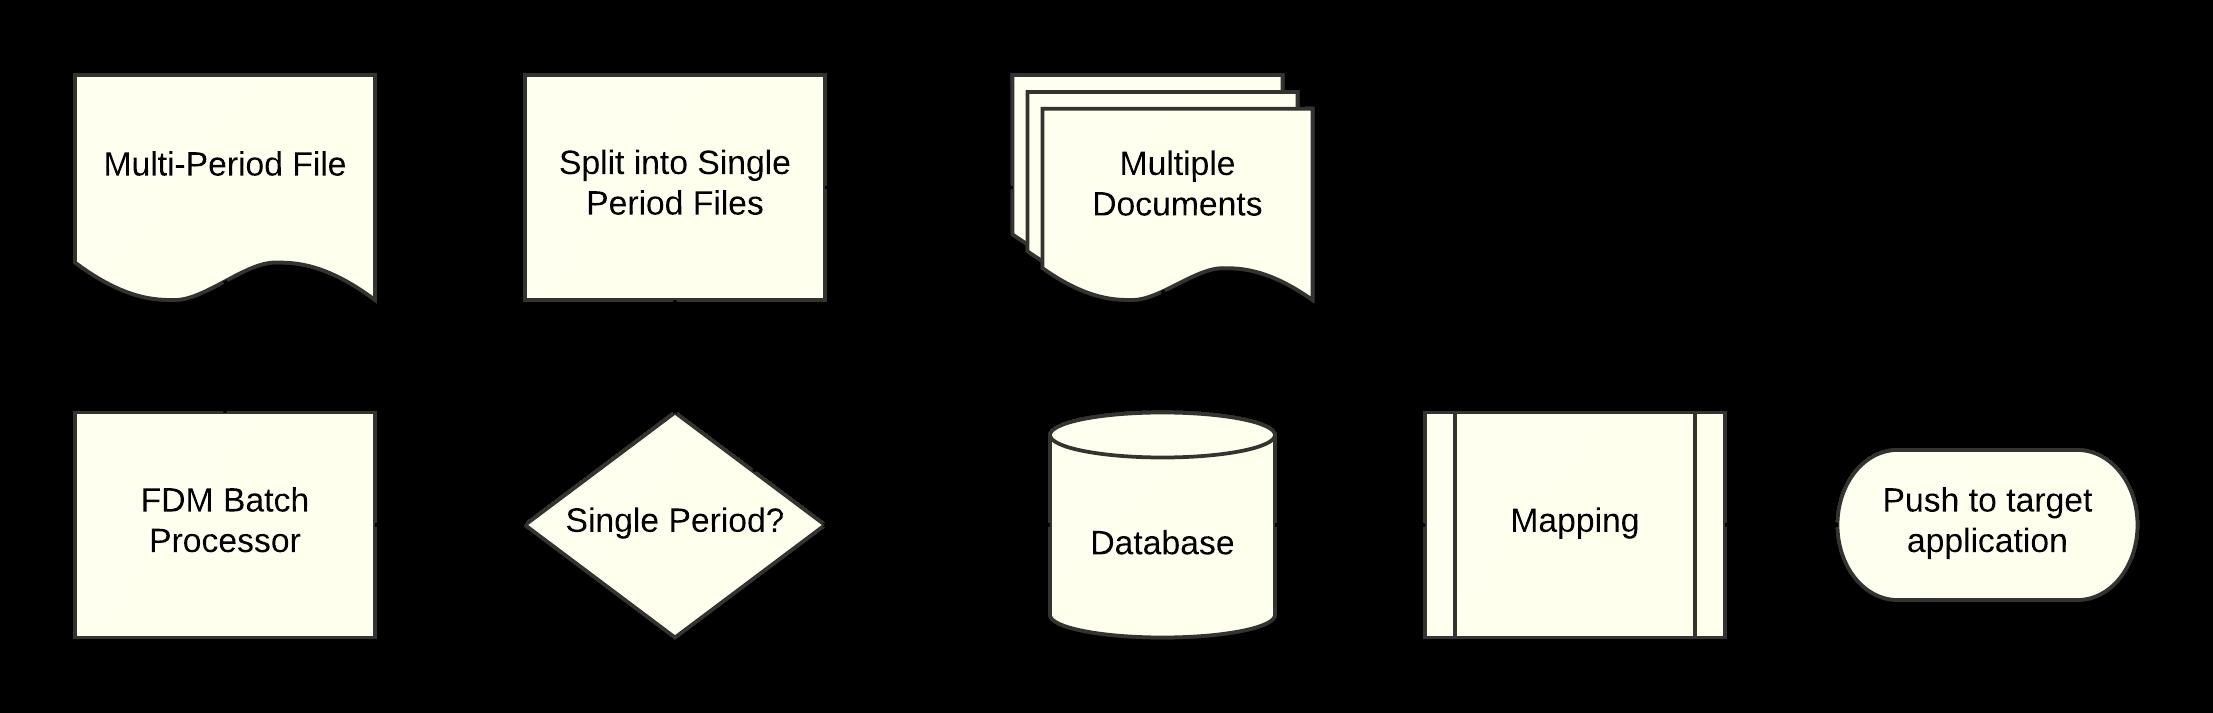 Classic FDM Batch Data Flow Diagram